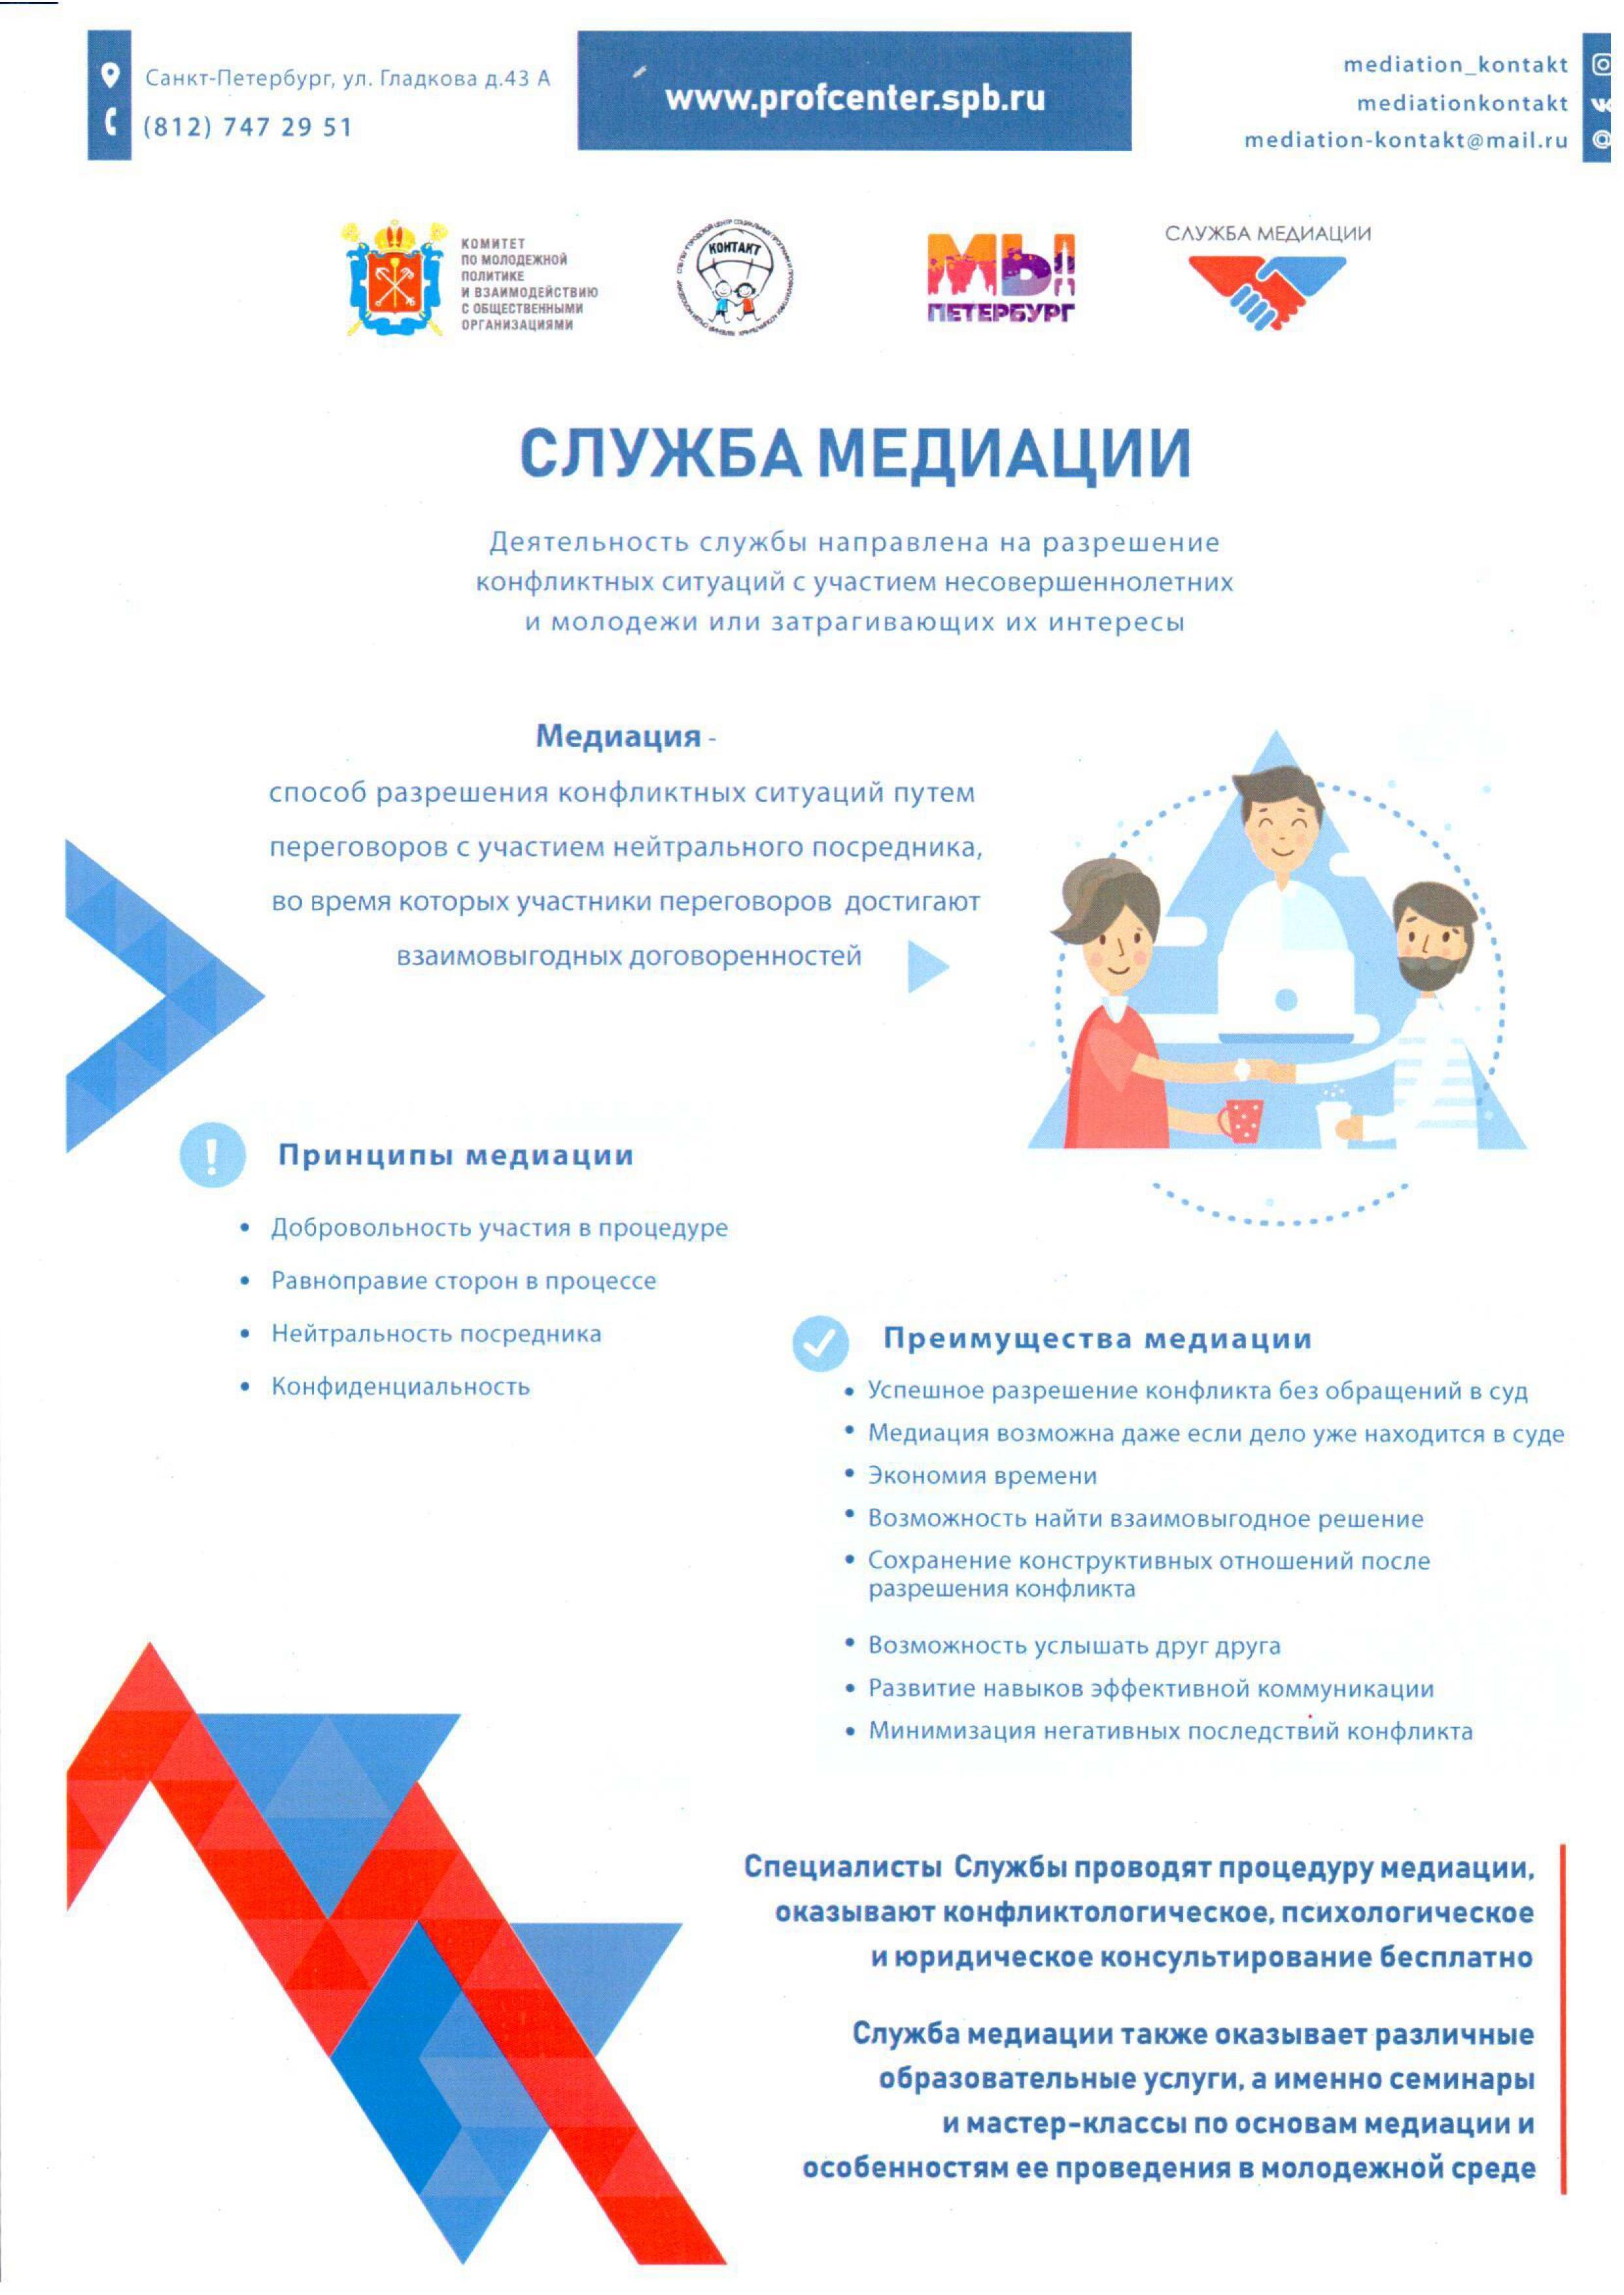 информация о службе медиации_01